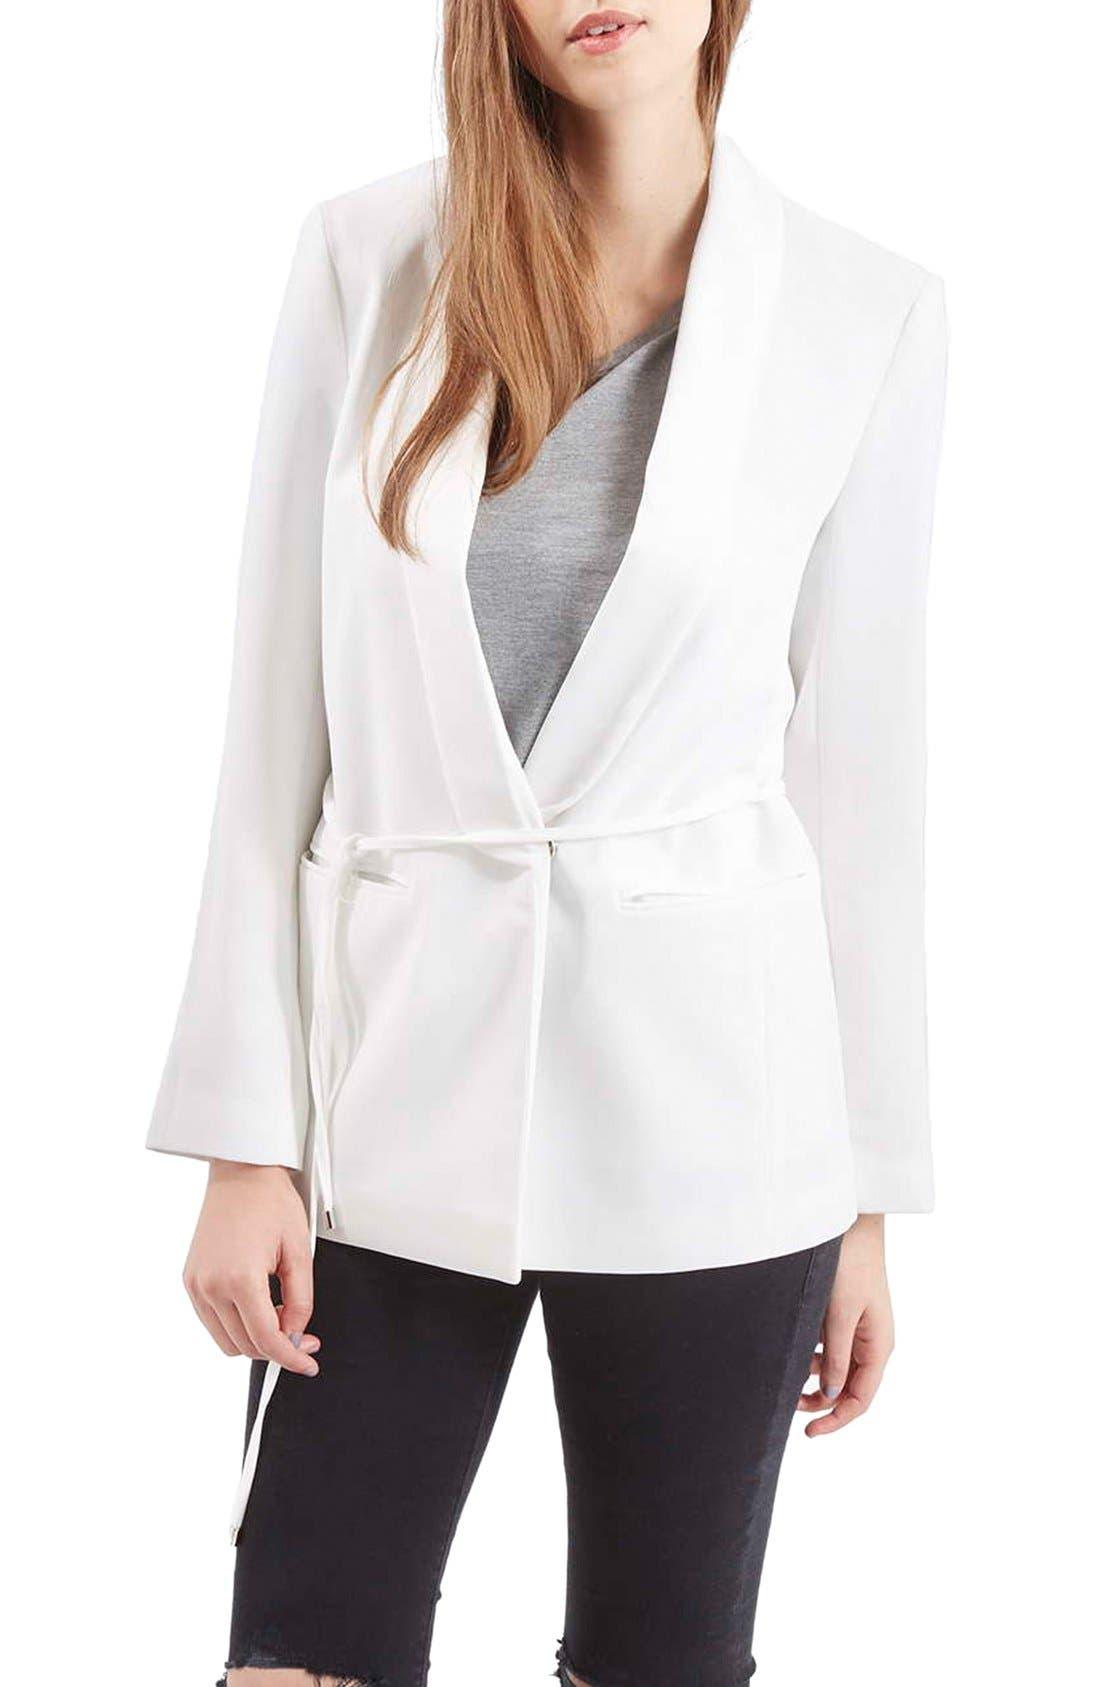 Main Image - Topshop Belted Tuxedo Jacket